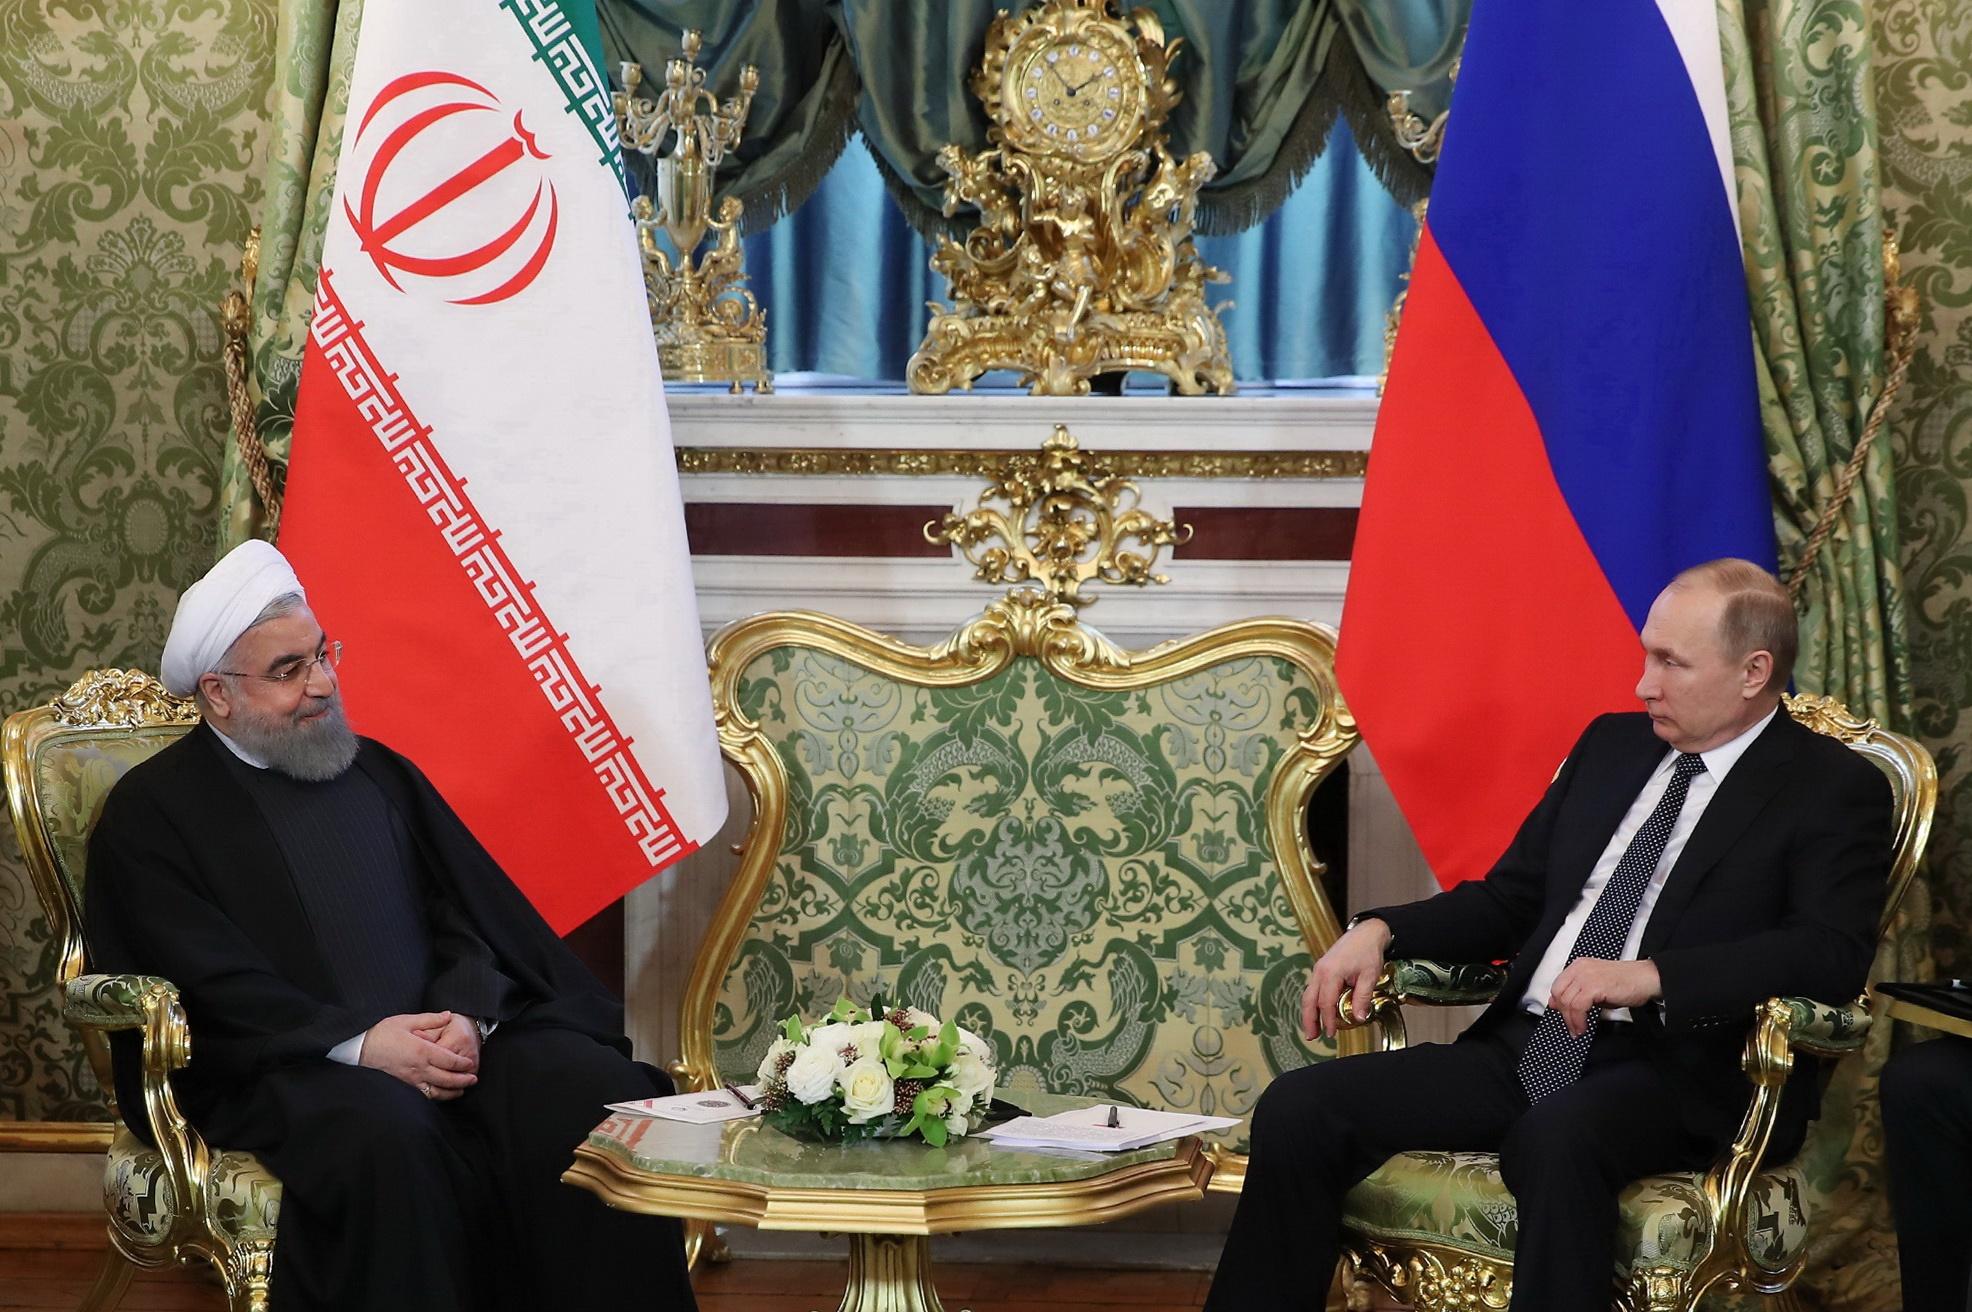 روحانی: هدف نهایی ایران و روسیه کمک به ثبات منطقه است